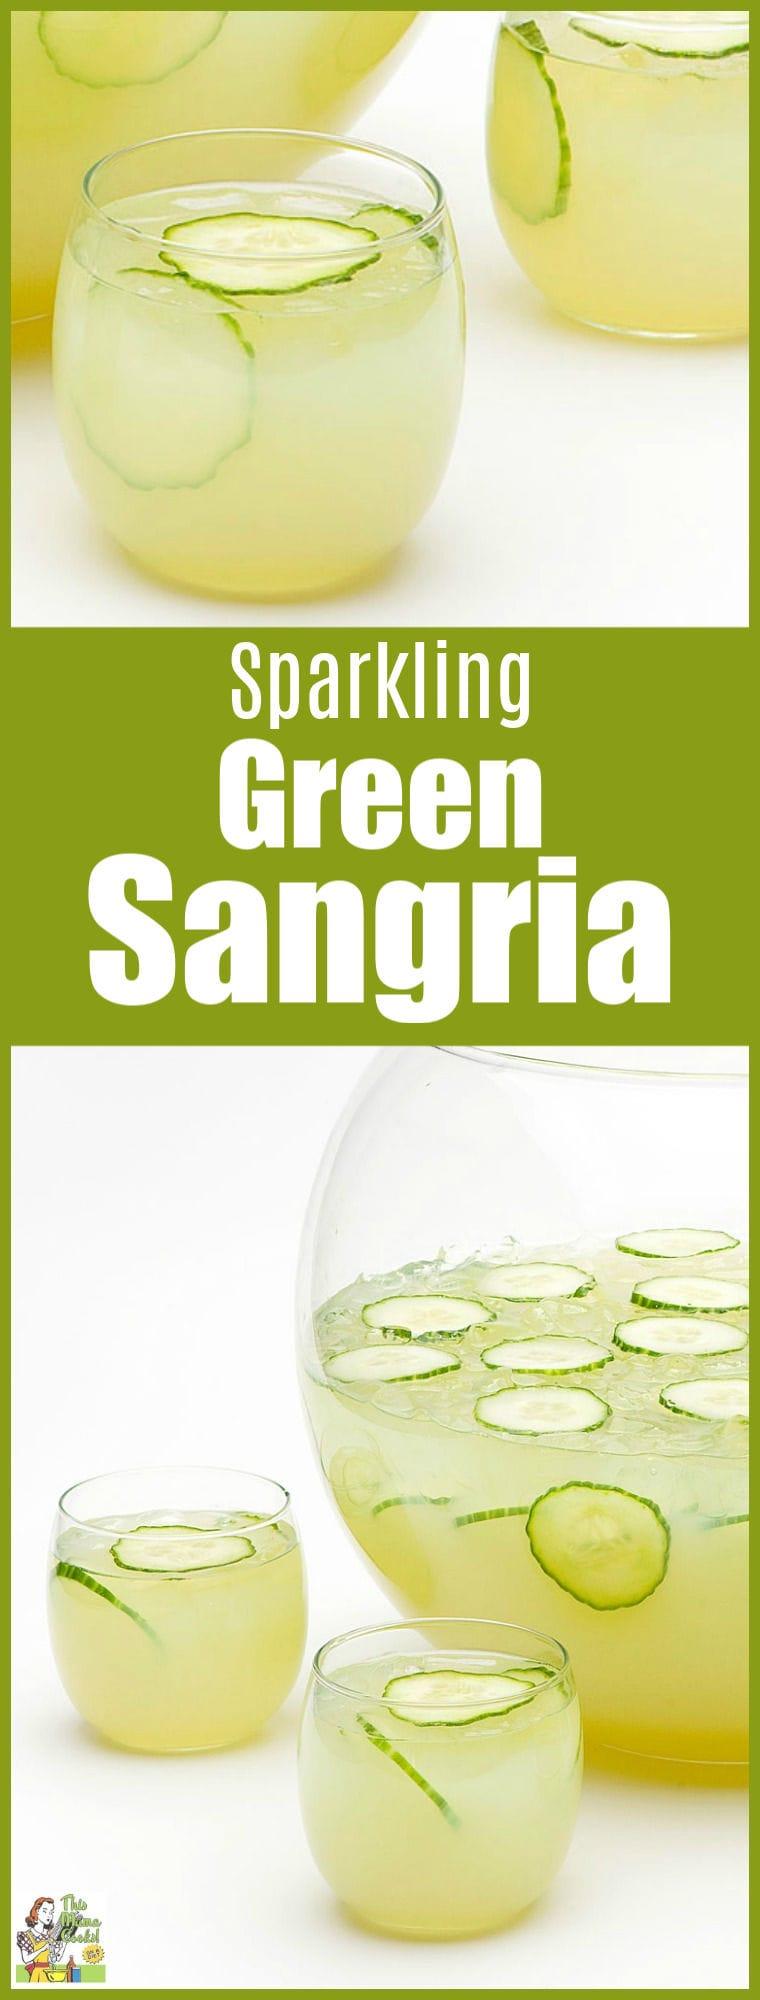 Sparkling Green Sangria Recipe